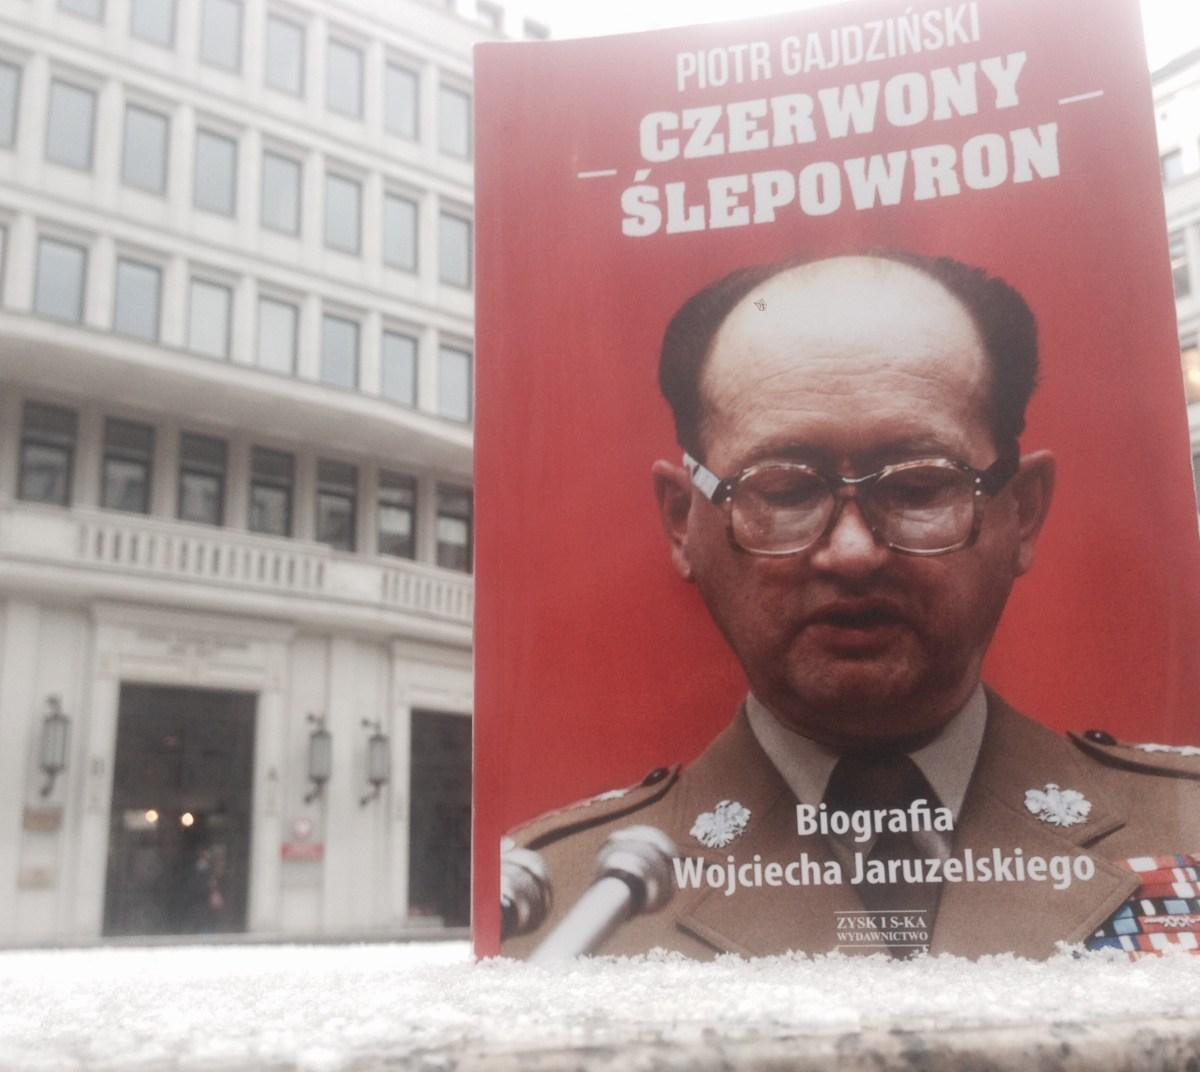 Ambitny dyktator | Piotr Gajdziński, Czerwony Ślepowron. Biografia Wojciecha Jaruzelskiego